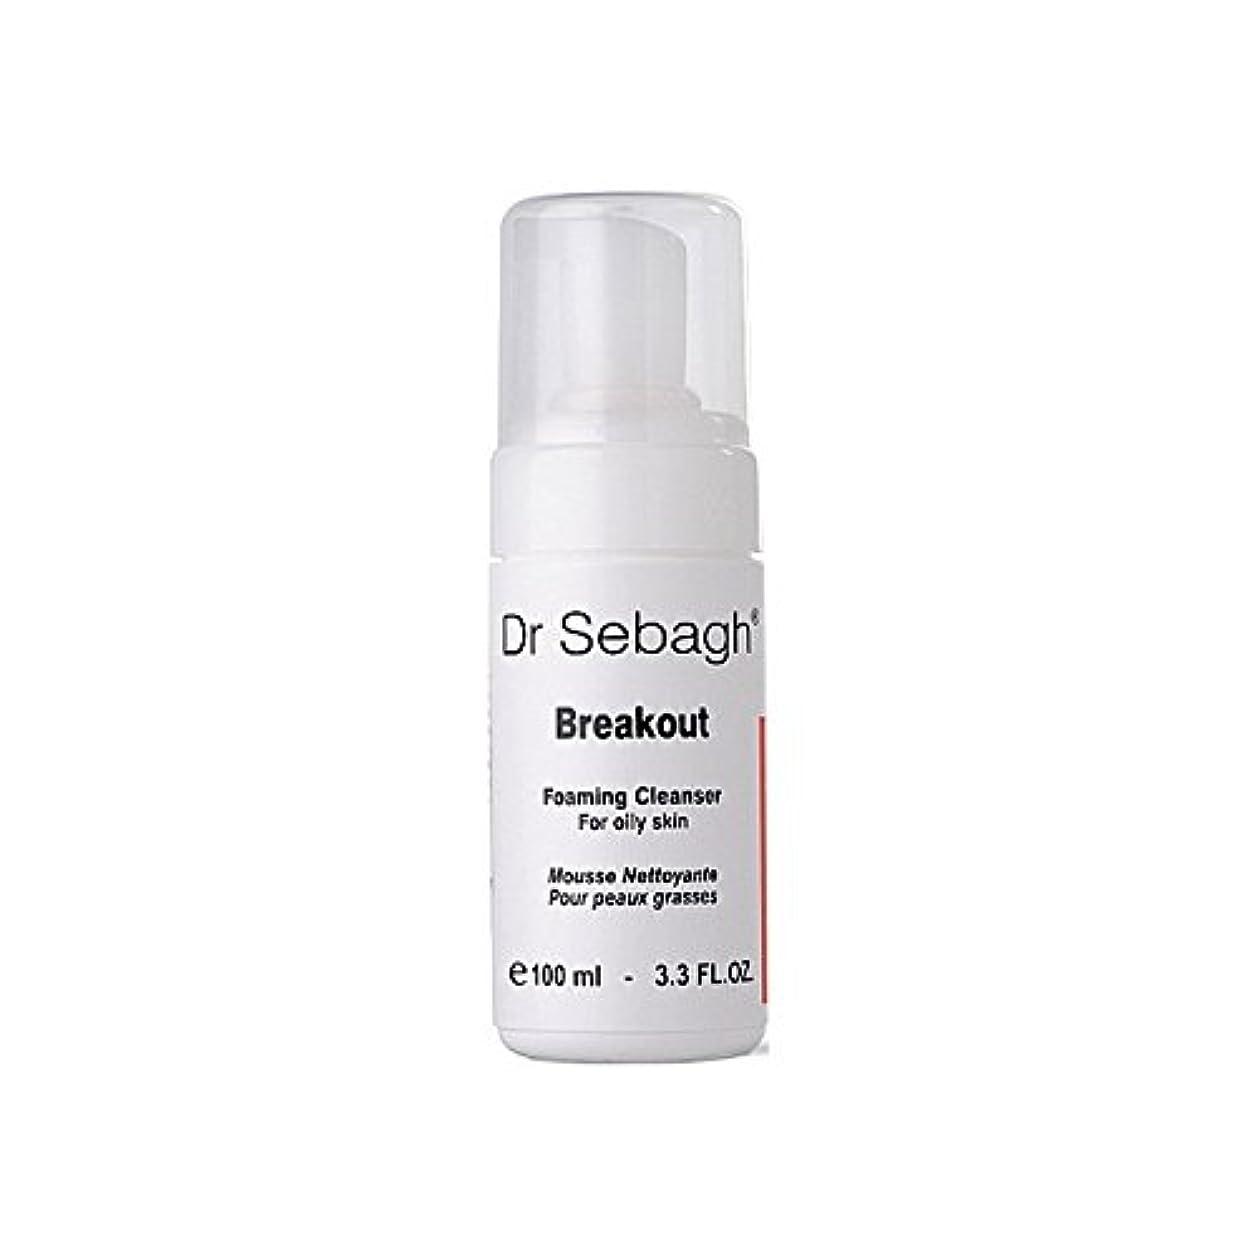 テクスチャー欠伸雑種クレンザーを発泡の のブレイクアウト x4 - Dr Sebagh Breakout Foaming Cleanser (Pack of 4) [並行輸入品]